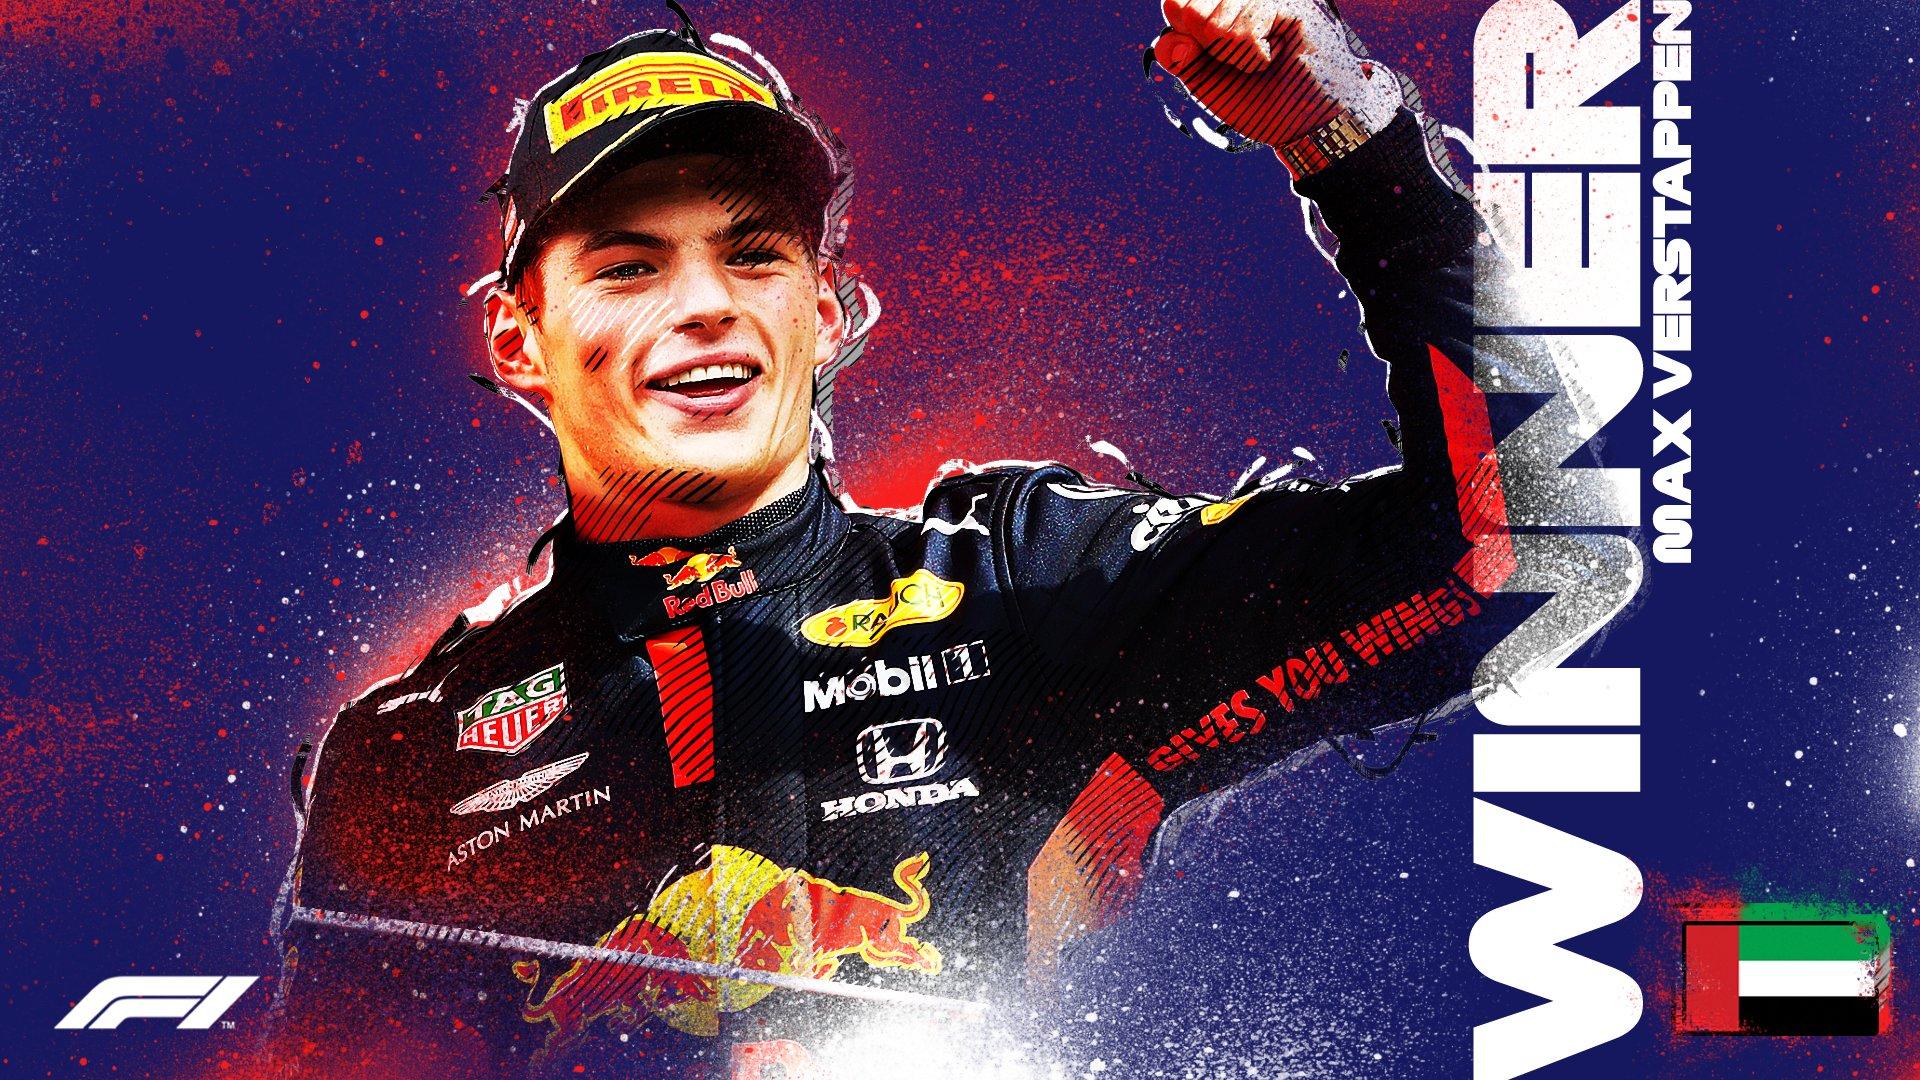 El piloto neerlandés Max Verstappen (23) logró este domingo su segunda victoria de la temporada y la décima de su carrera en la Fórmula 1. Foto: @F1.